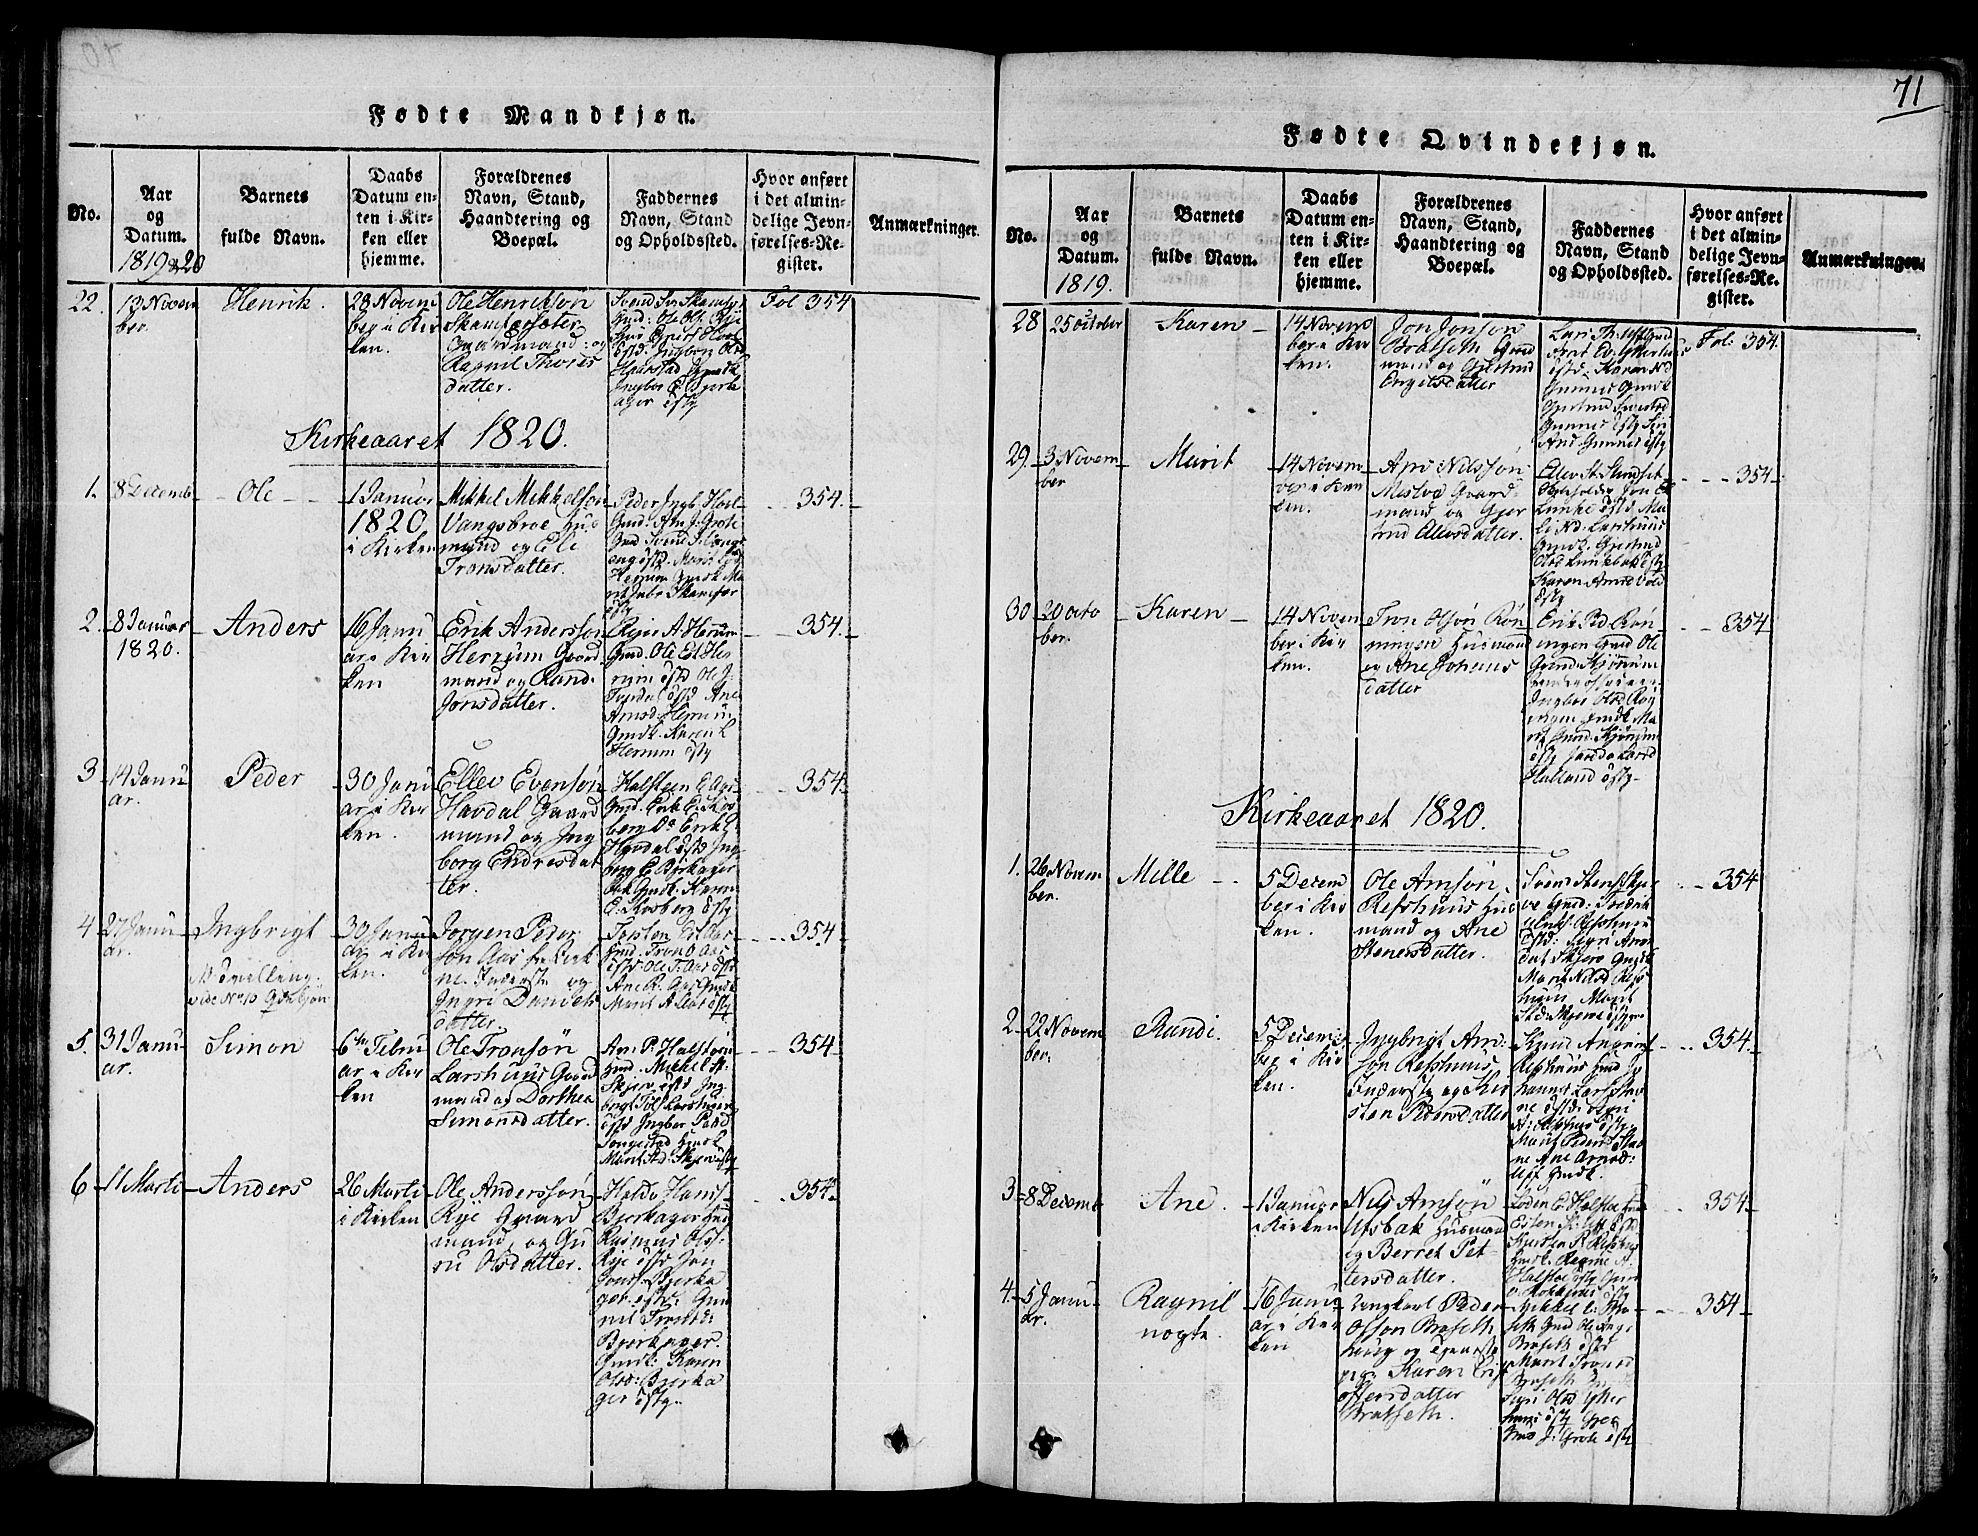 SAT, Ministerialprotokoller, klokkerbøker og fødselsregistre - Sør-Trøndelag, 672/L0854: Ministerialbok nr. 672A06 /2, 1816-1829, s. 71